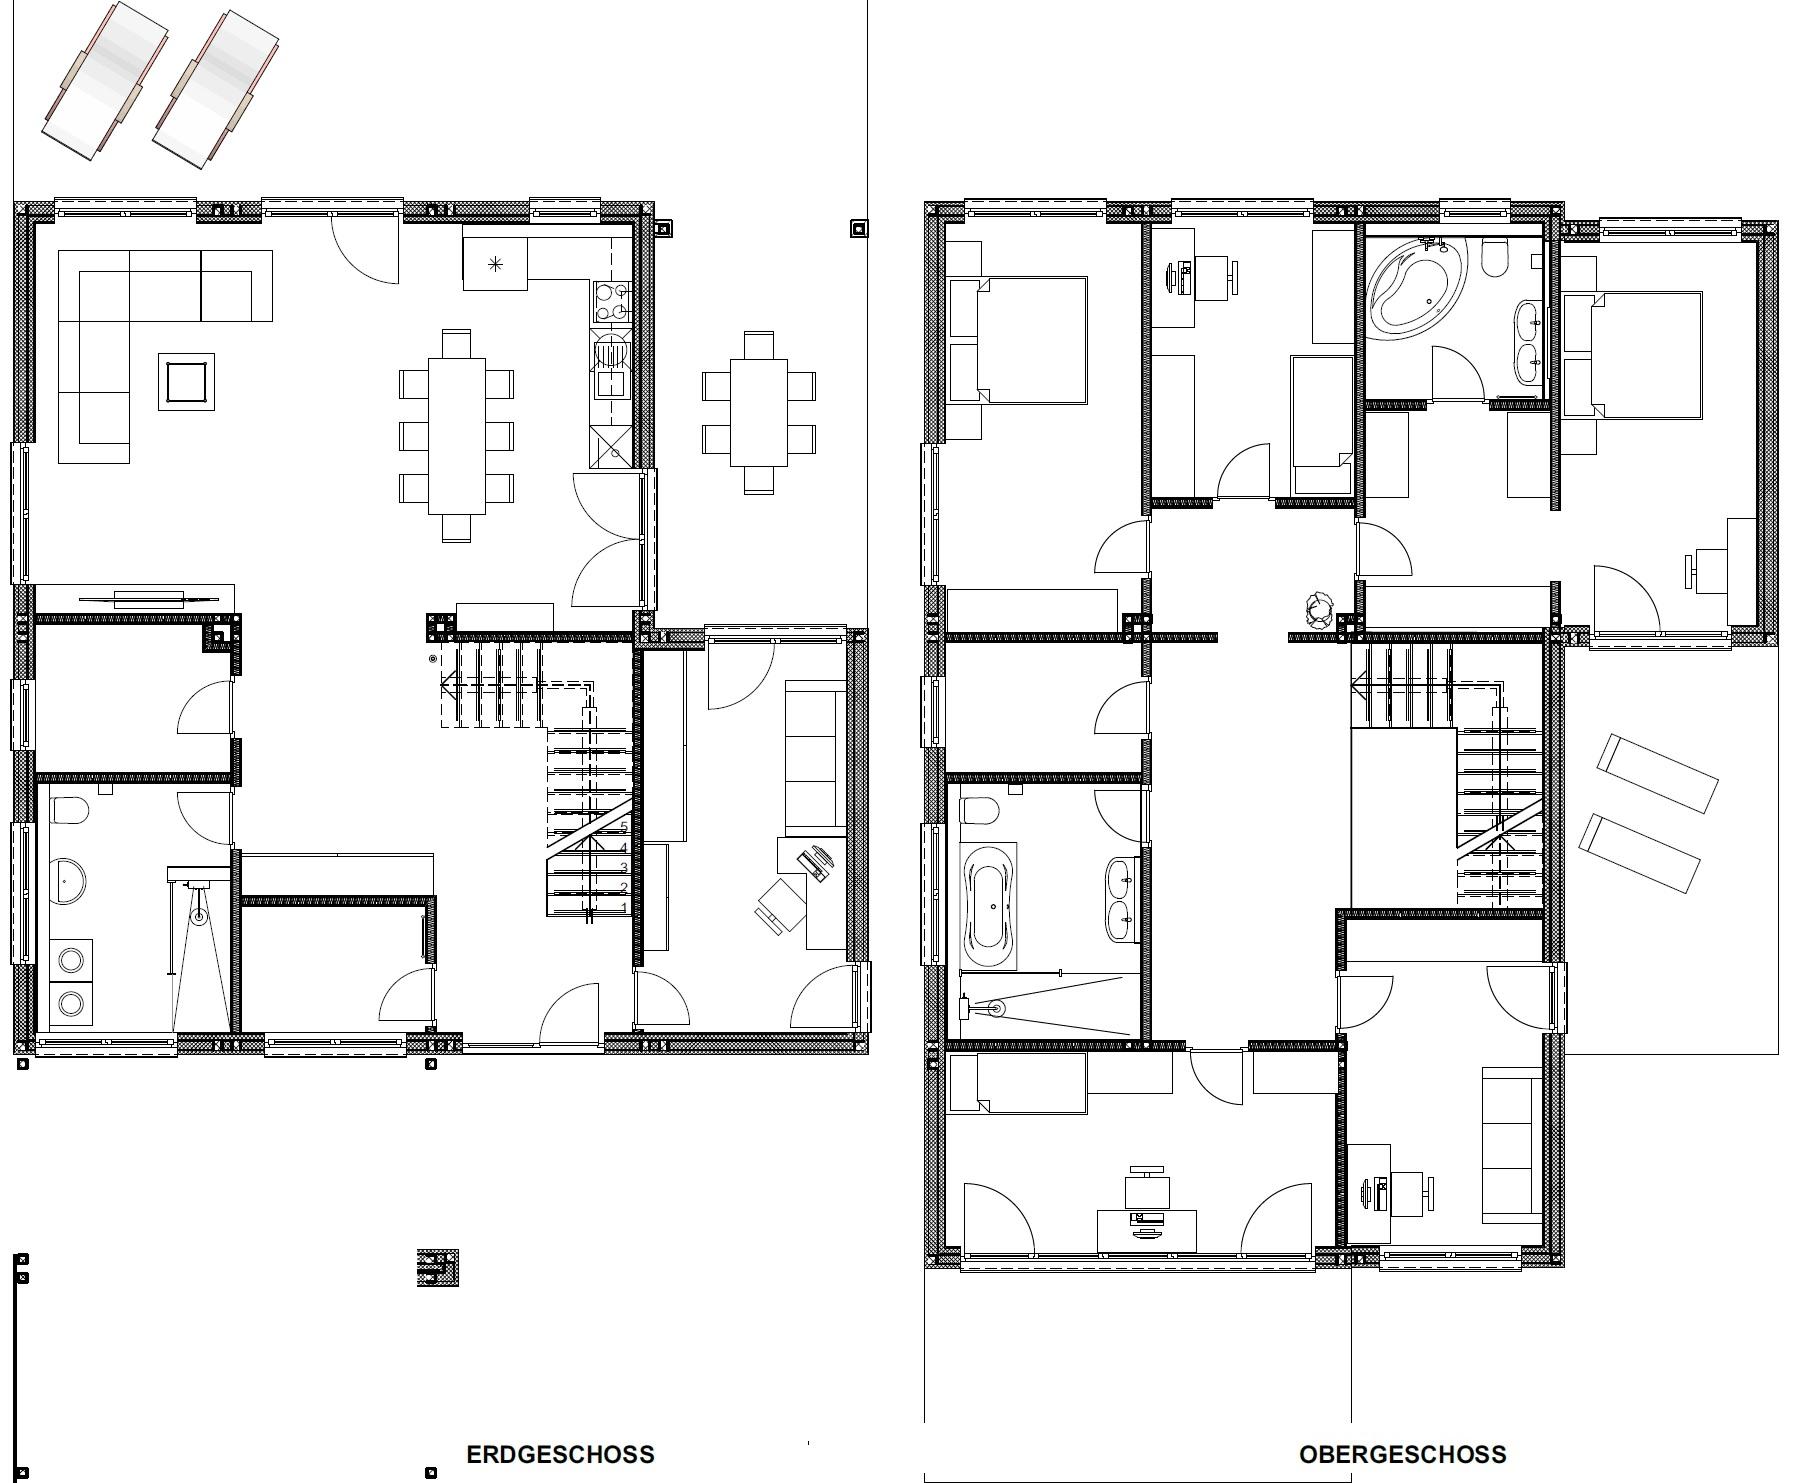 Exquisit Conhouse Preise Dekoration Von Preis Ab 372.000 € Inkl. Transport, Montage